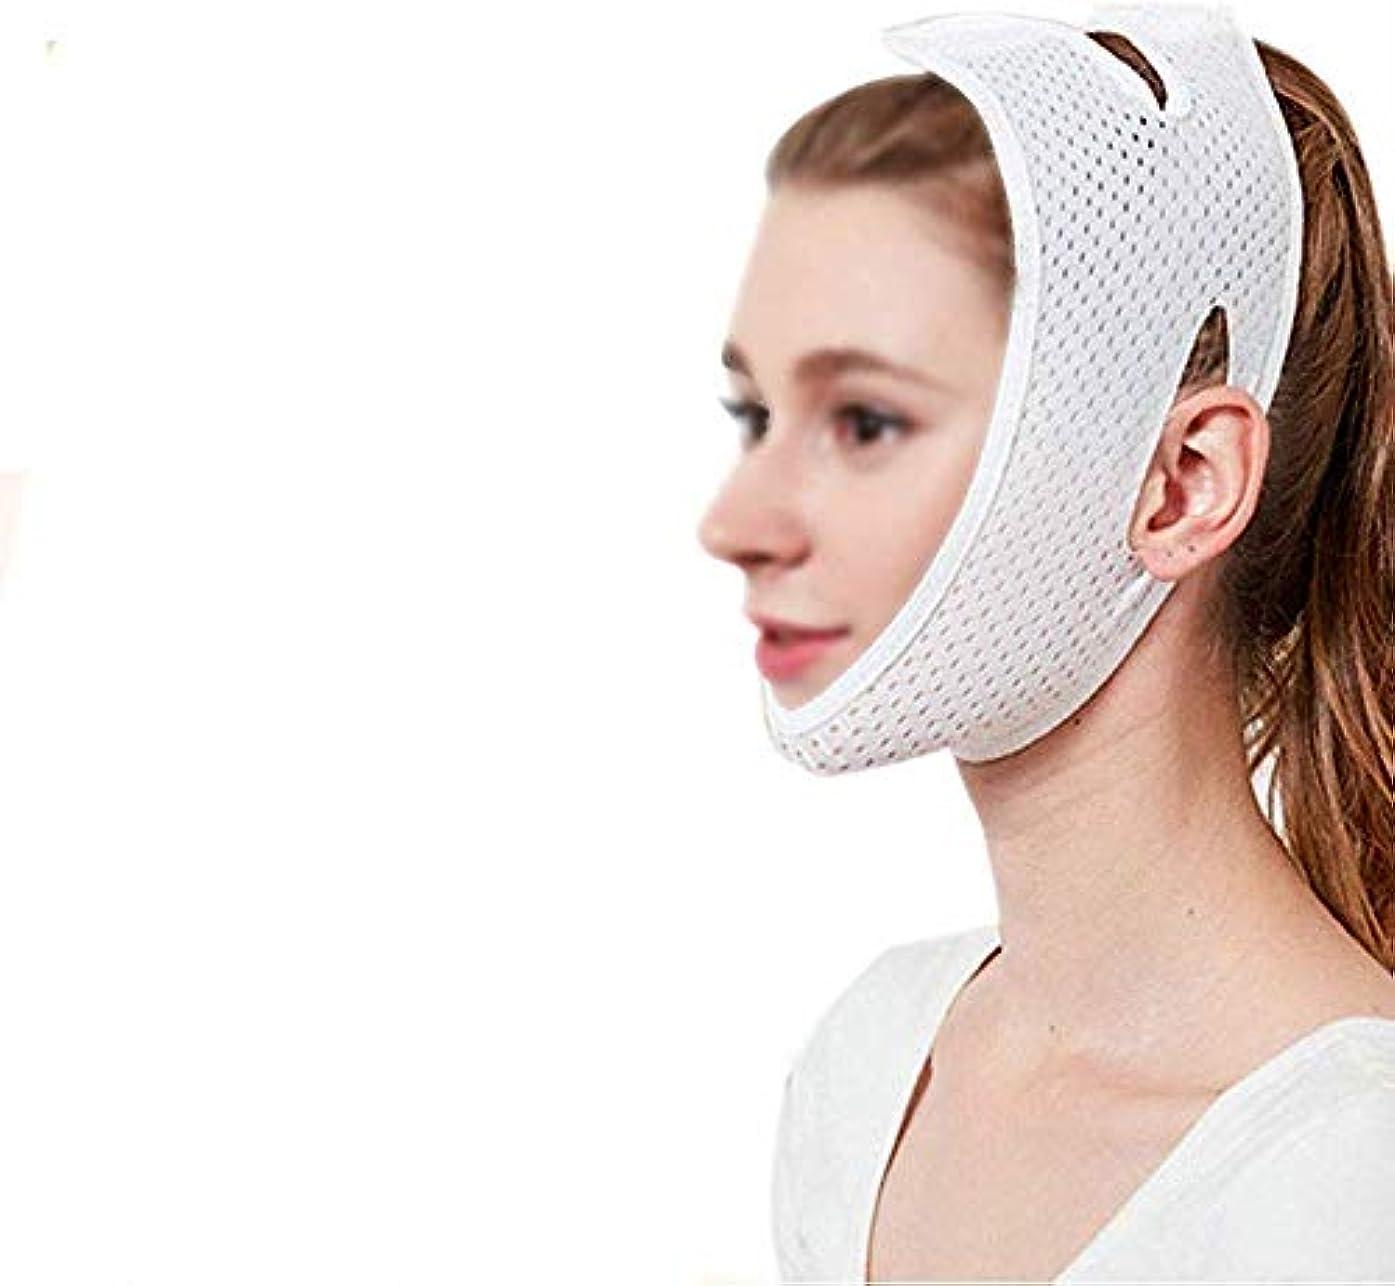 分泌する促進する展示会スリミングVフェイスマスク、シンフェイスベルト、Vフェイスバンデージからダブルチンデクリーマスクリフティングファーミングスリープマスク(色:白)